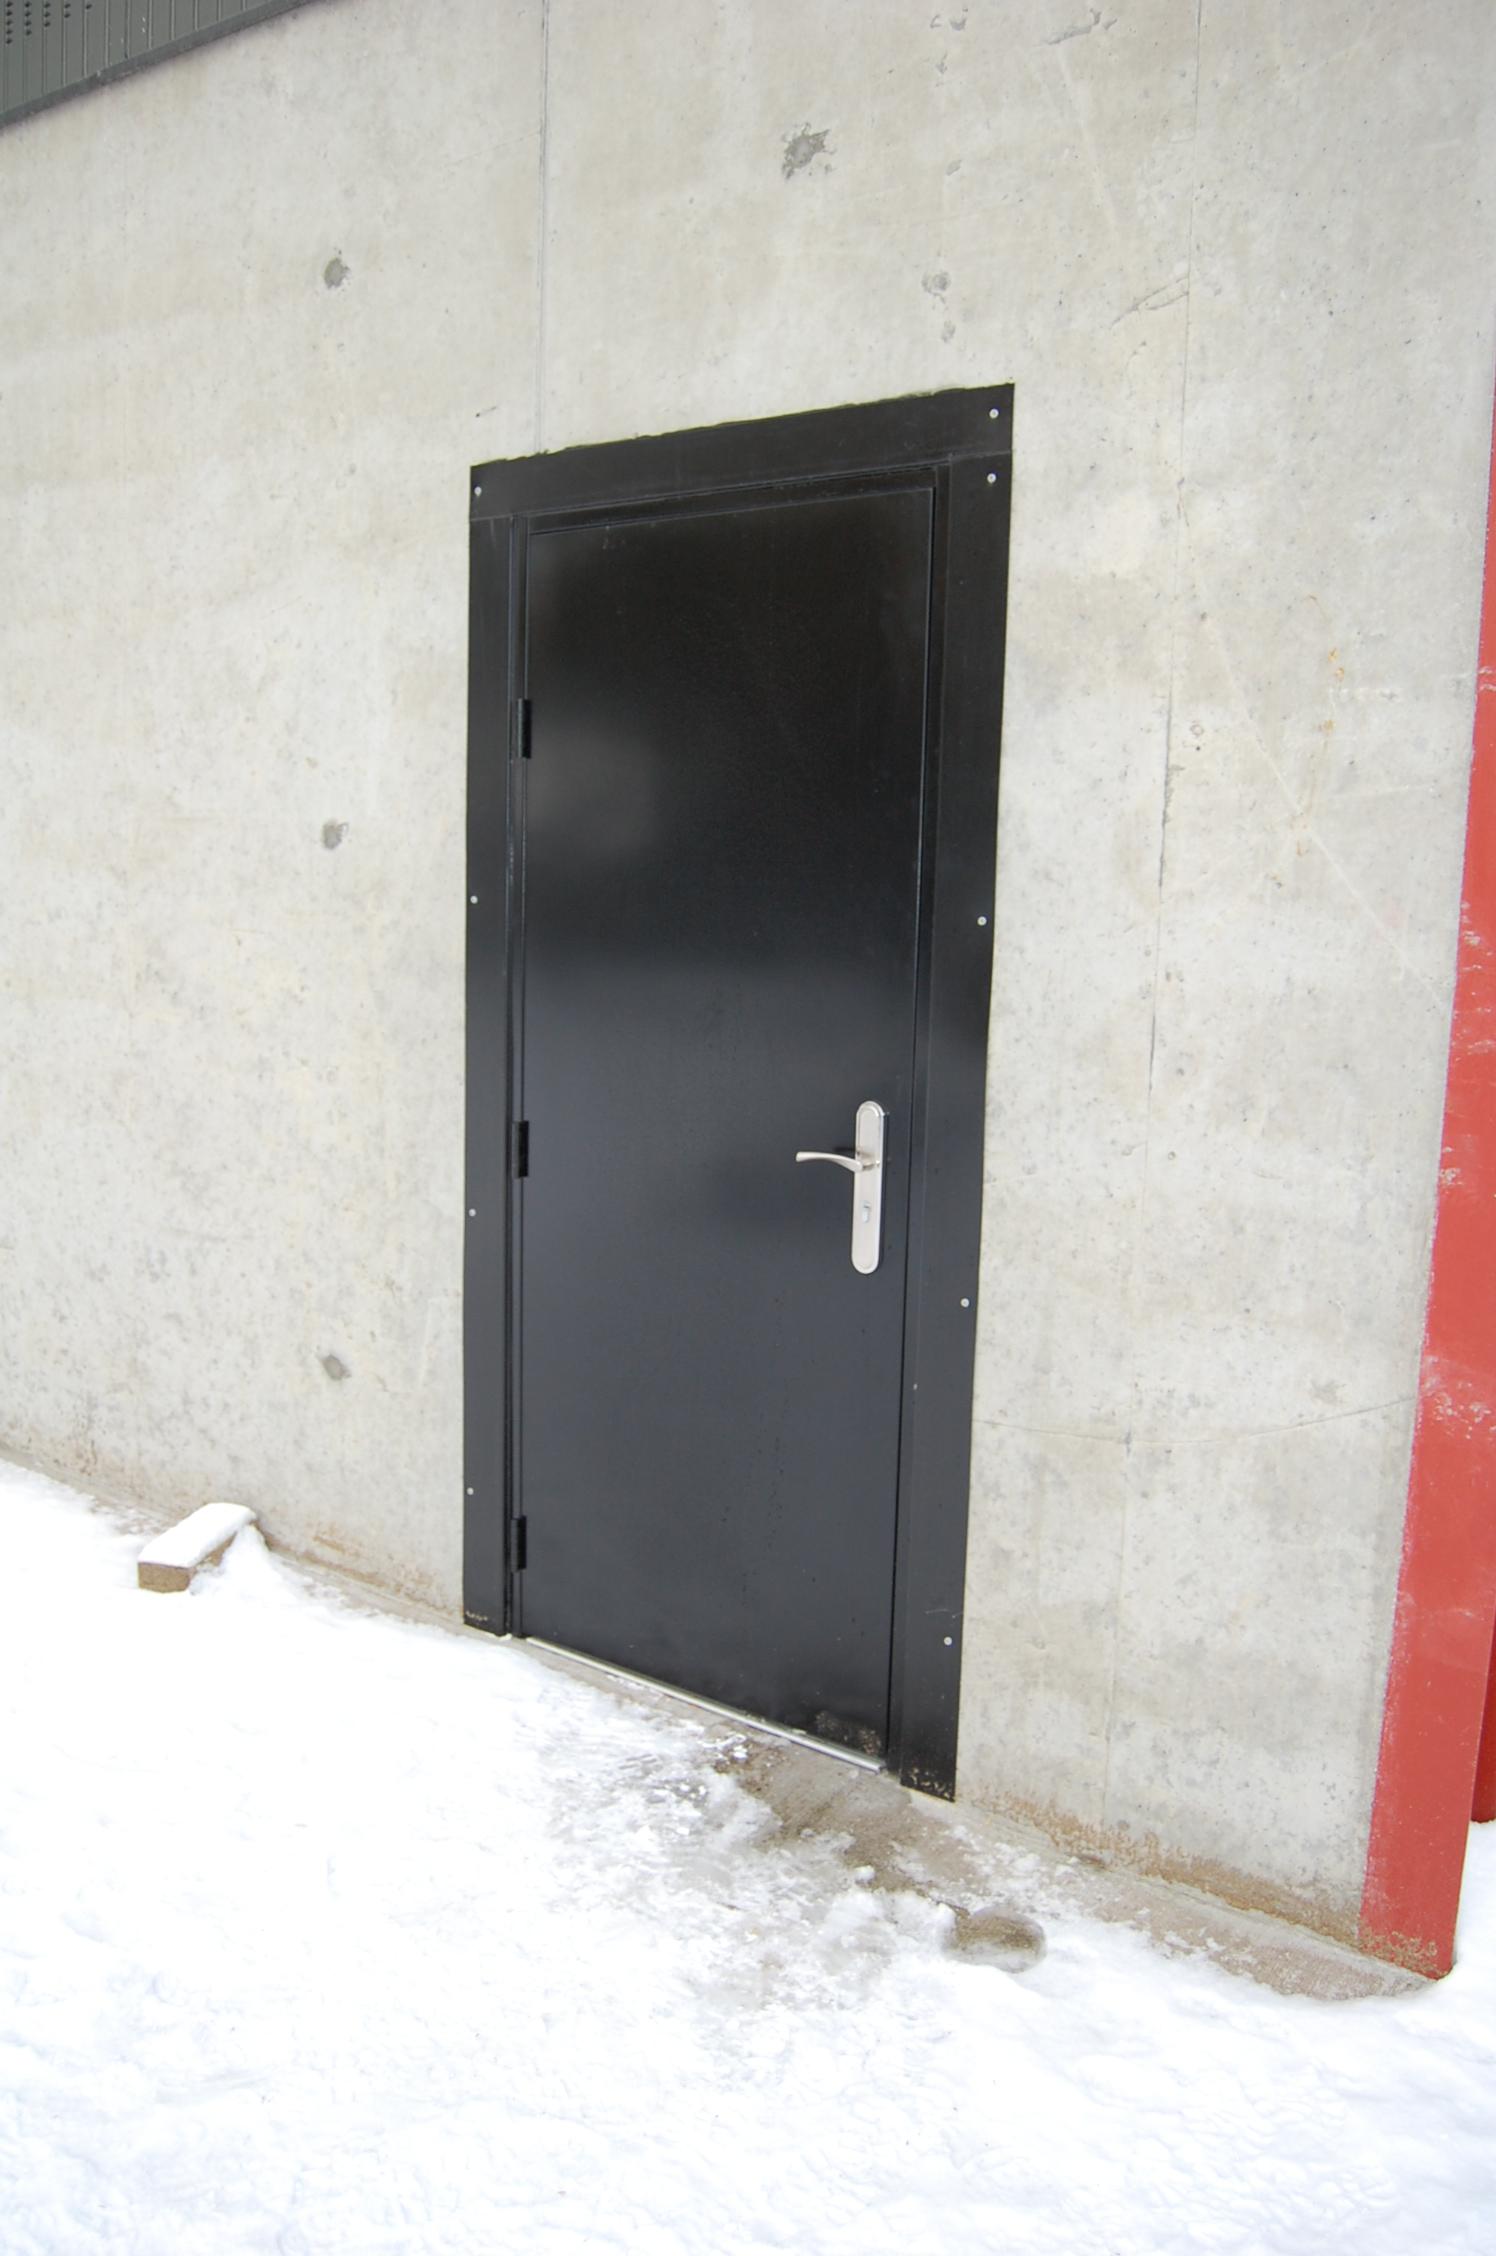 2256 #93322C  Doors Coatings Donegal Northern Ireland − Security Steel Door image Residential Steel Doors And Frames 47631496